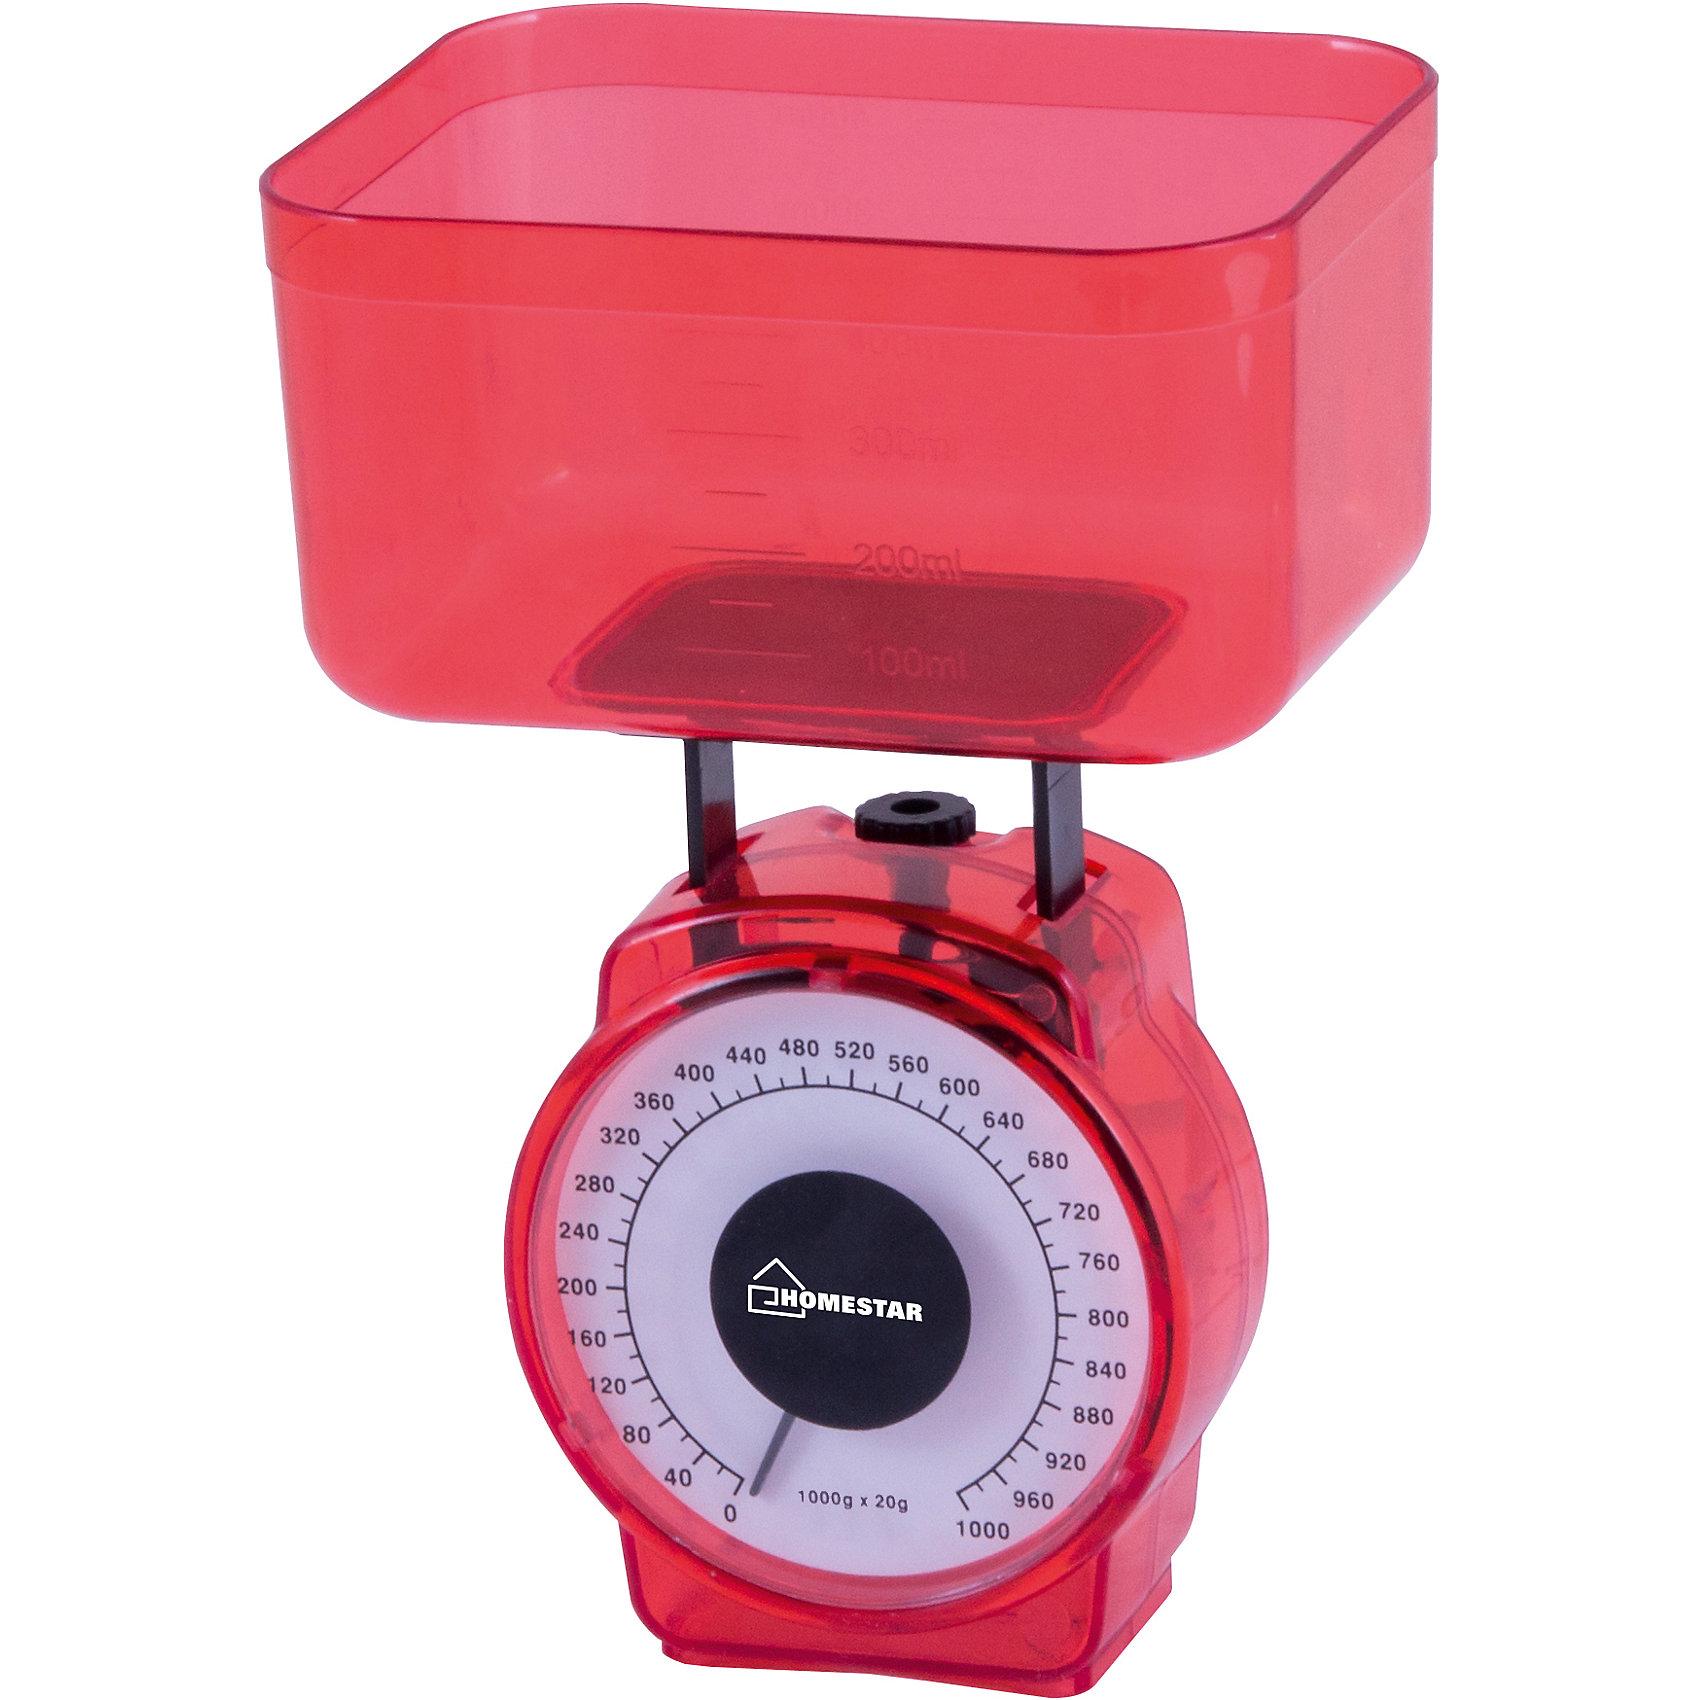 Весы кухонные механические HS-3004М, HOMESTAR, красныйВесы кухонные механические HOMESTAR HS-3004М, 1 кг, цвет красный<br><br>Ширина мм: 100<br>Глубина мм: 70<br>Высота мм: 120<br>Вес г: 155<br>Возраст от месяцев: 216<br>Возраст до месяцев: 1188<br>Пол: Унисекс<br>Возраст: Детский<br>SKU: 5454044